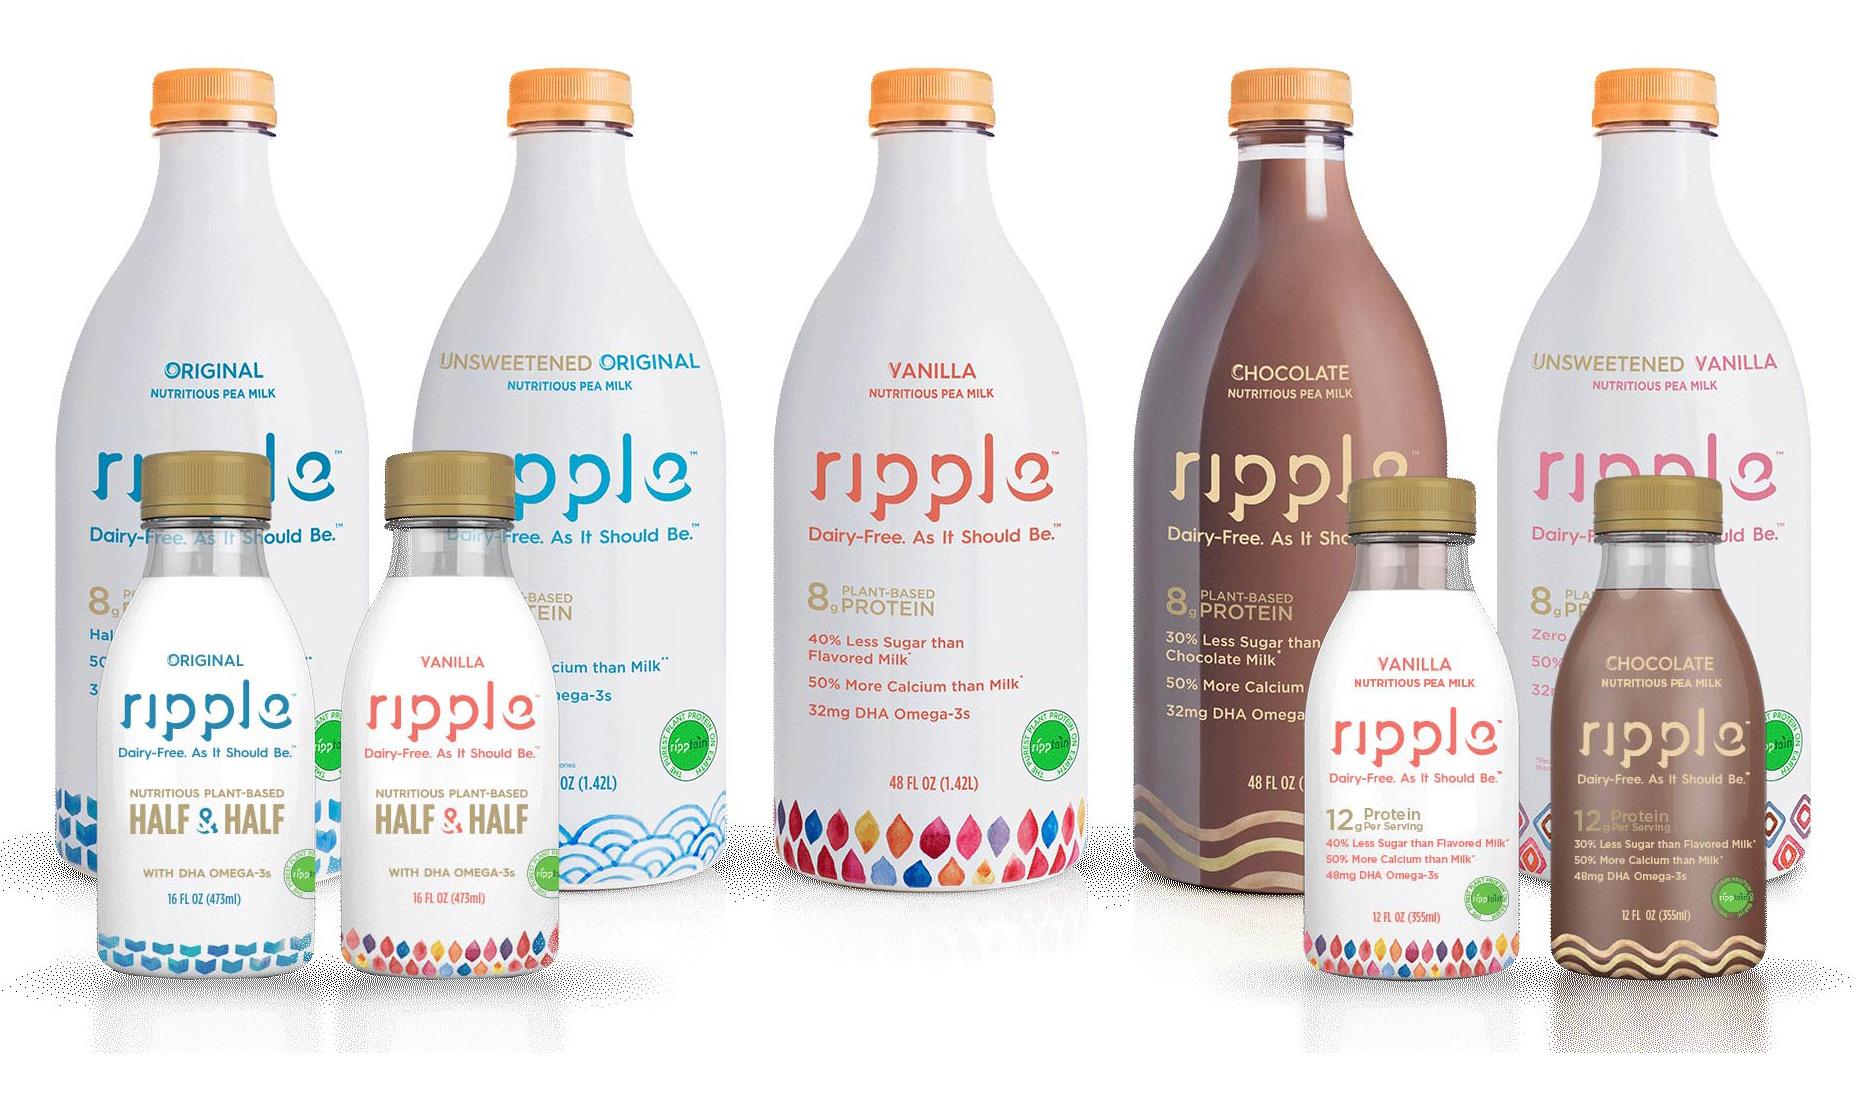 Ripple pea milk